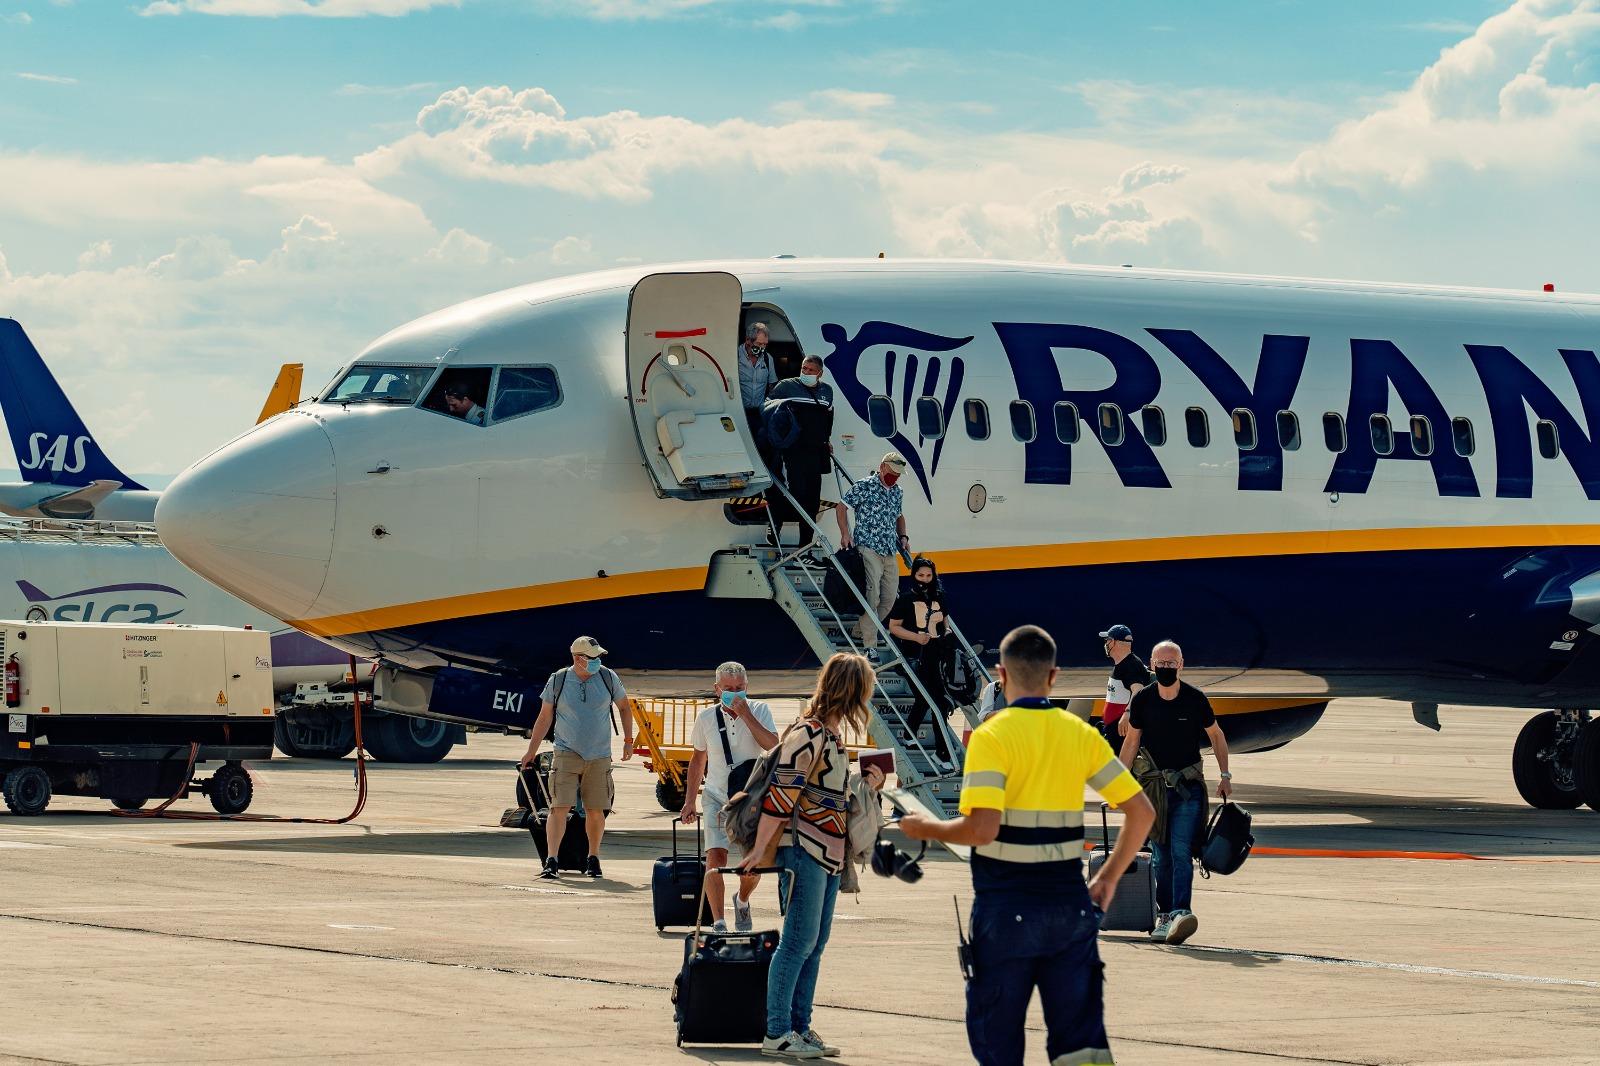 Turistas bajando de un avión de Ryanair